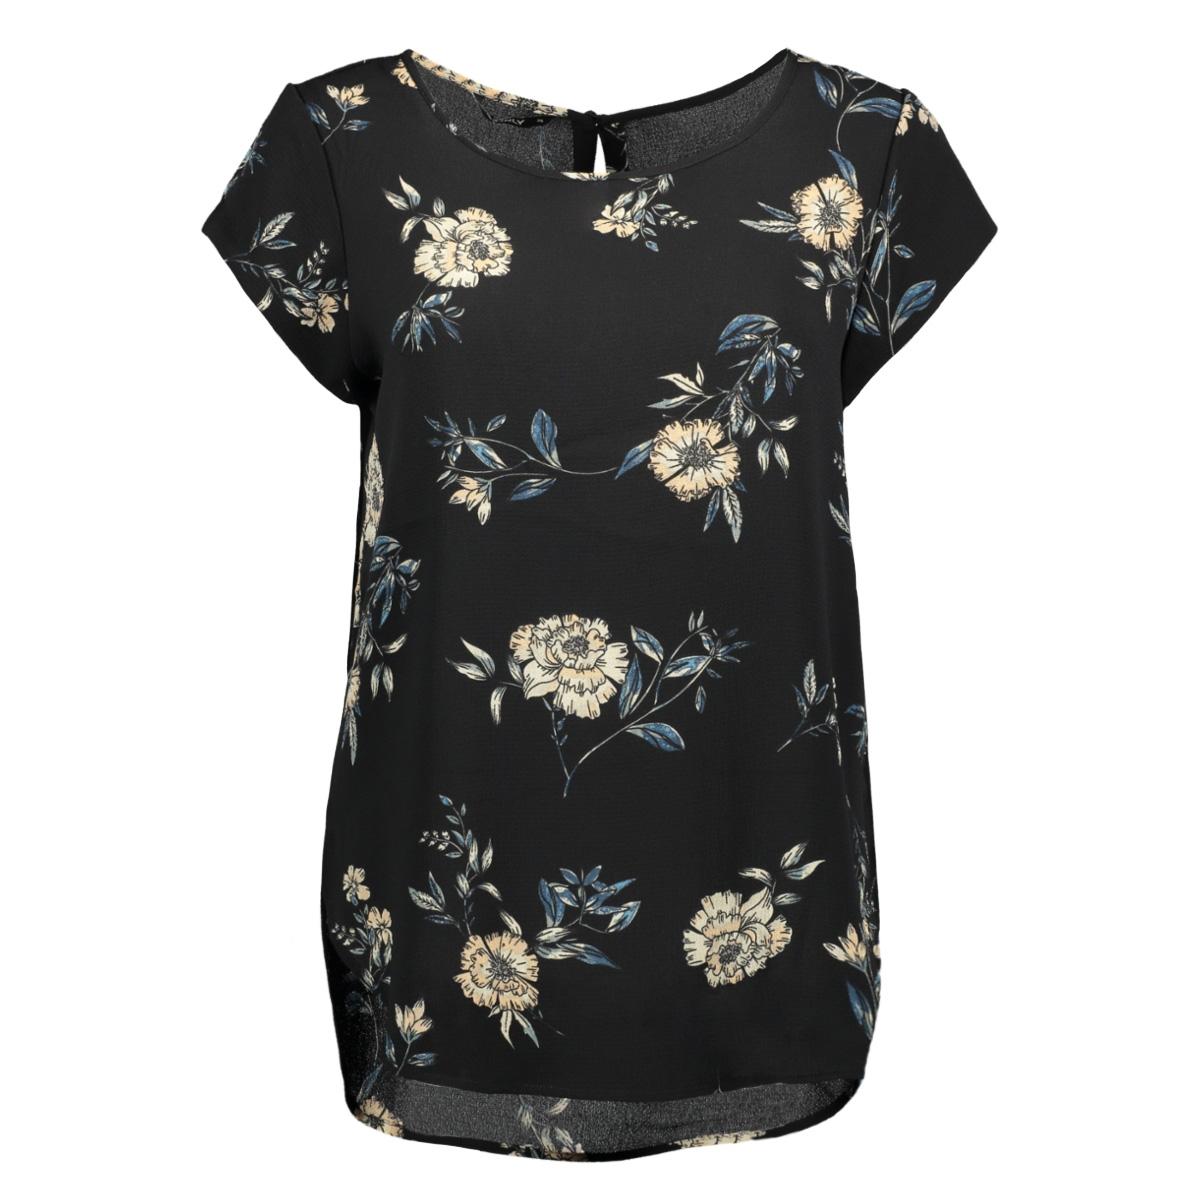 onlmesa s/s lux top aop wvn 15147638 only t-shirt black/sanchi flo